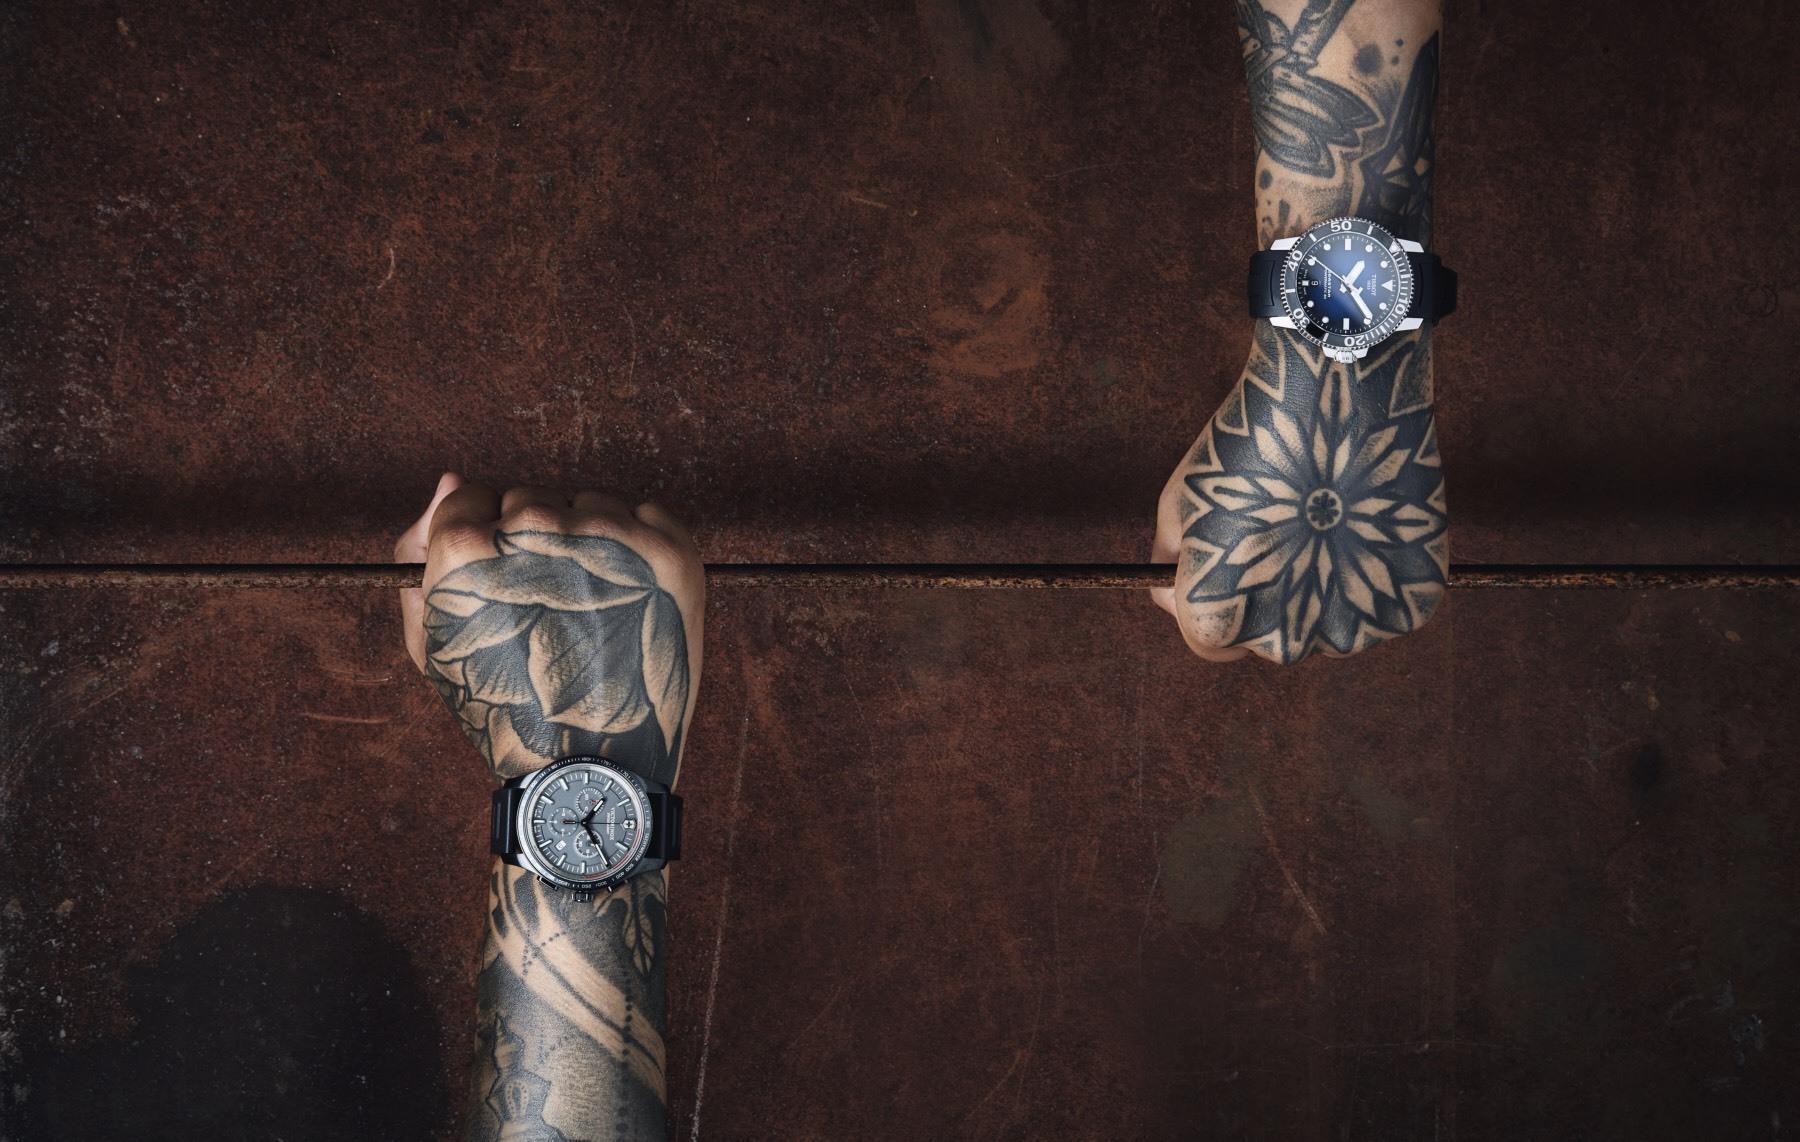 15 08 Watches Men15637 Bild8 Squashed